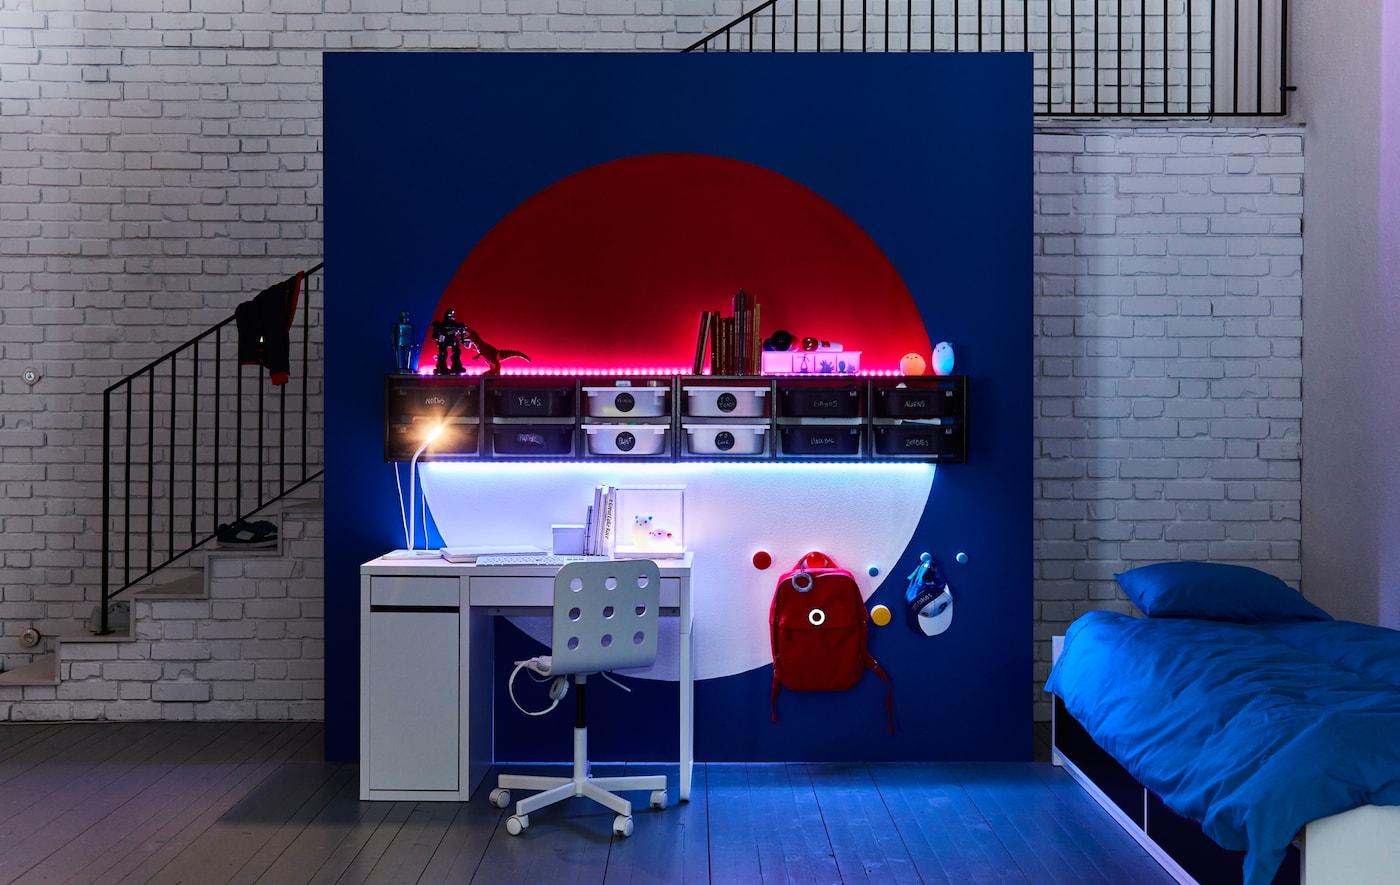 Full Size of Jugendzimmer Ikea Monstermige Sterreich Betten Bei Küche Kaufen Kosten Modulküche Sofa 160x200 Bett Miniküche Mit Schlaffunktion Wohnzimmer Jugendzimmer Ikea